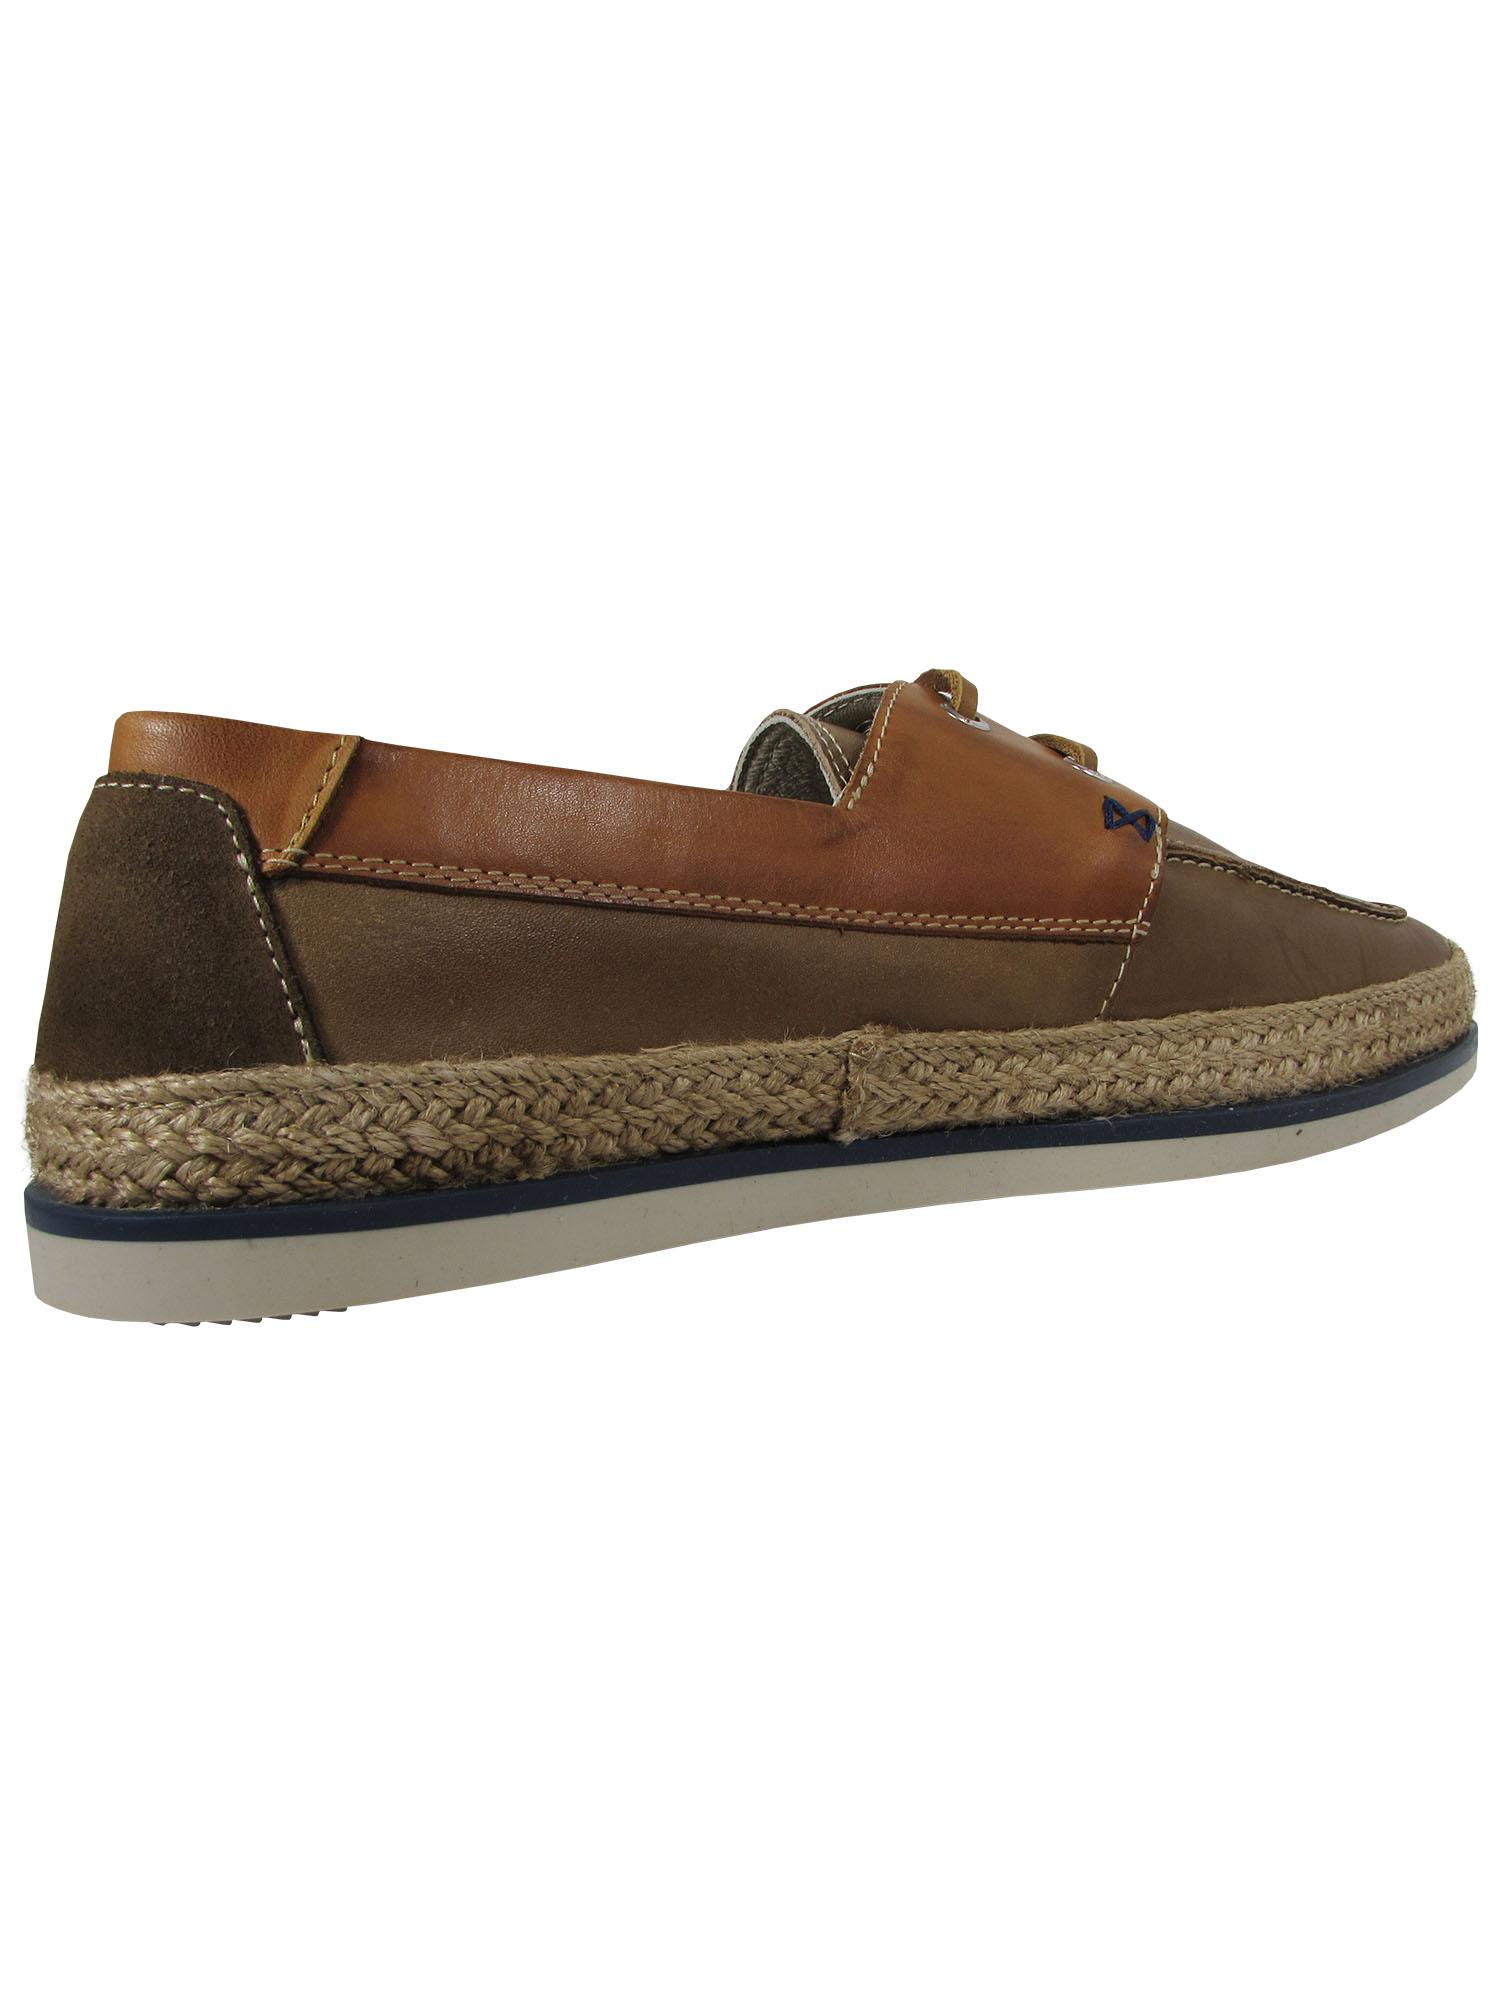 Geox Mens M Monet W 2 Fit 9 Boat Shoe